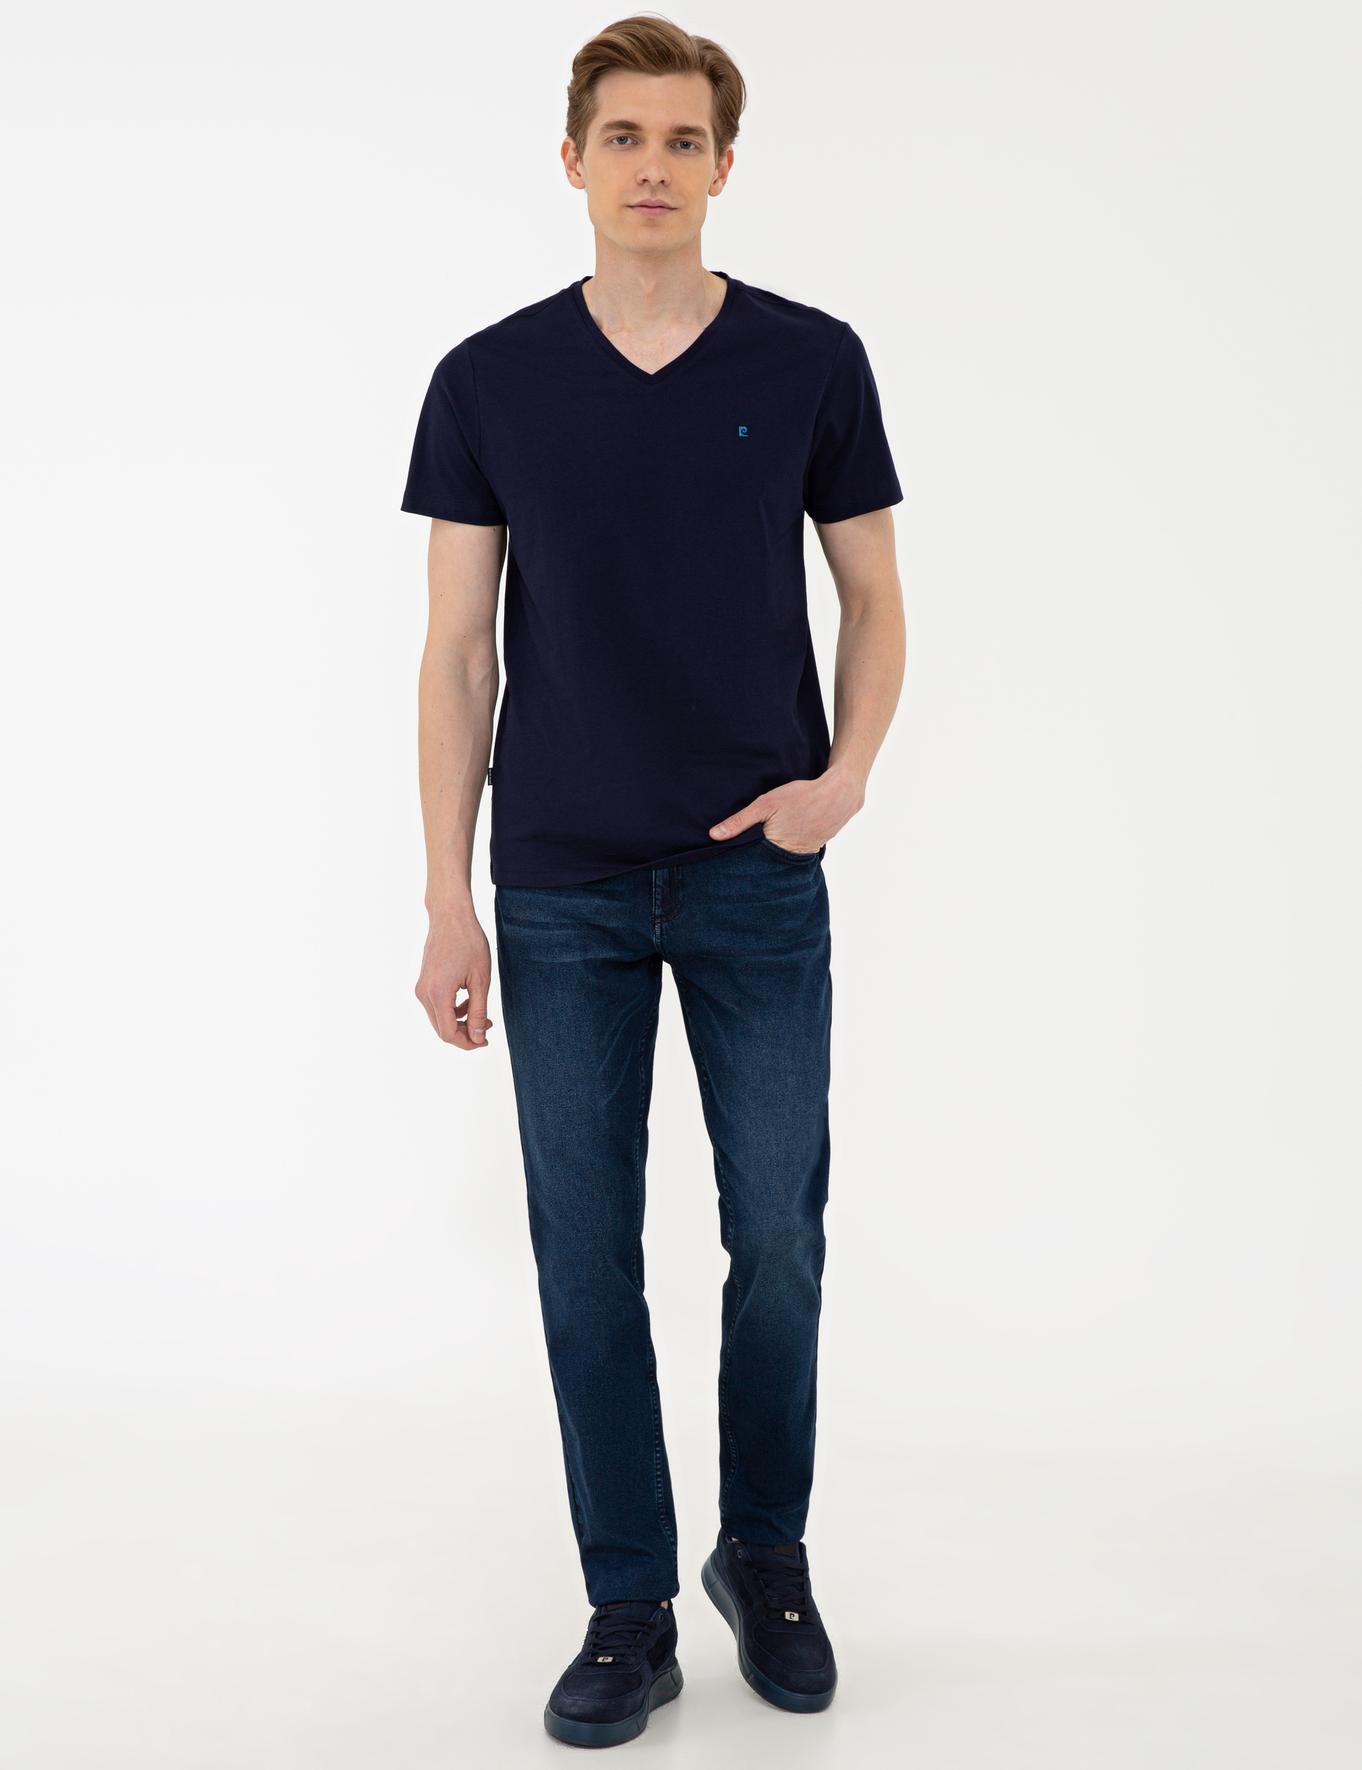 Lacivert Slim Fit Basic V Yaka T-Shirt